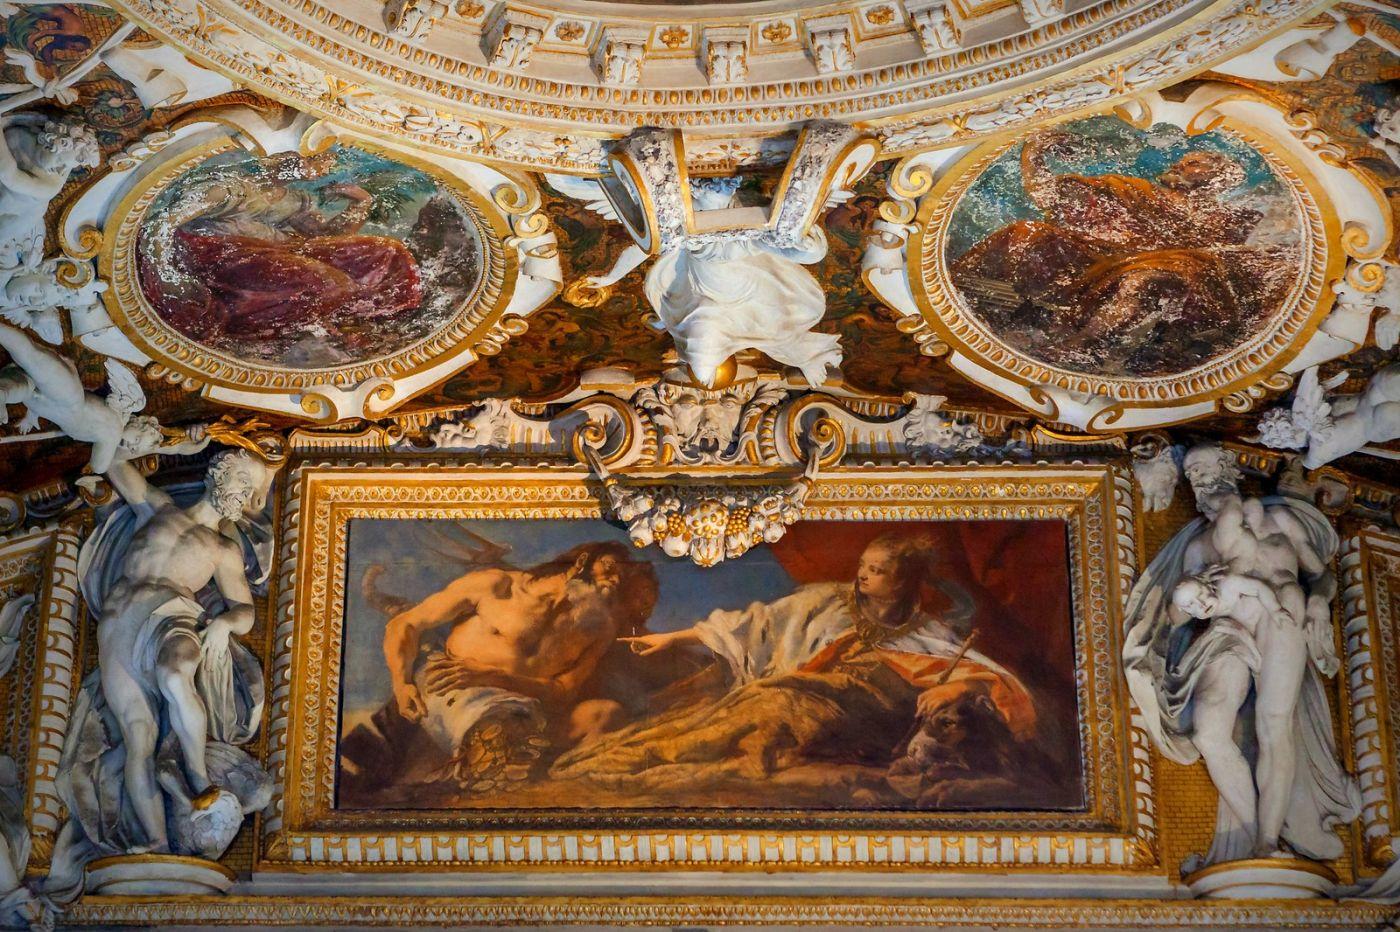 威尼斯圣马可大教堂(St Mark's Basilica), 精雕细琢的顶设_图1-18